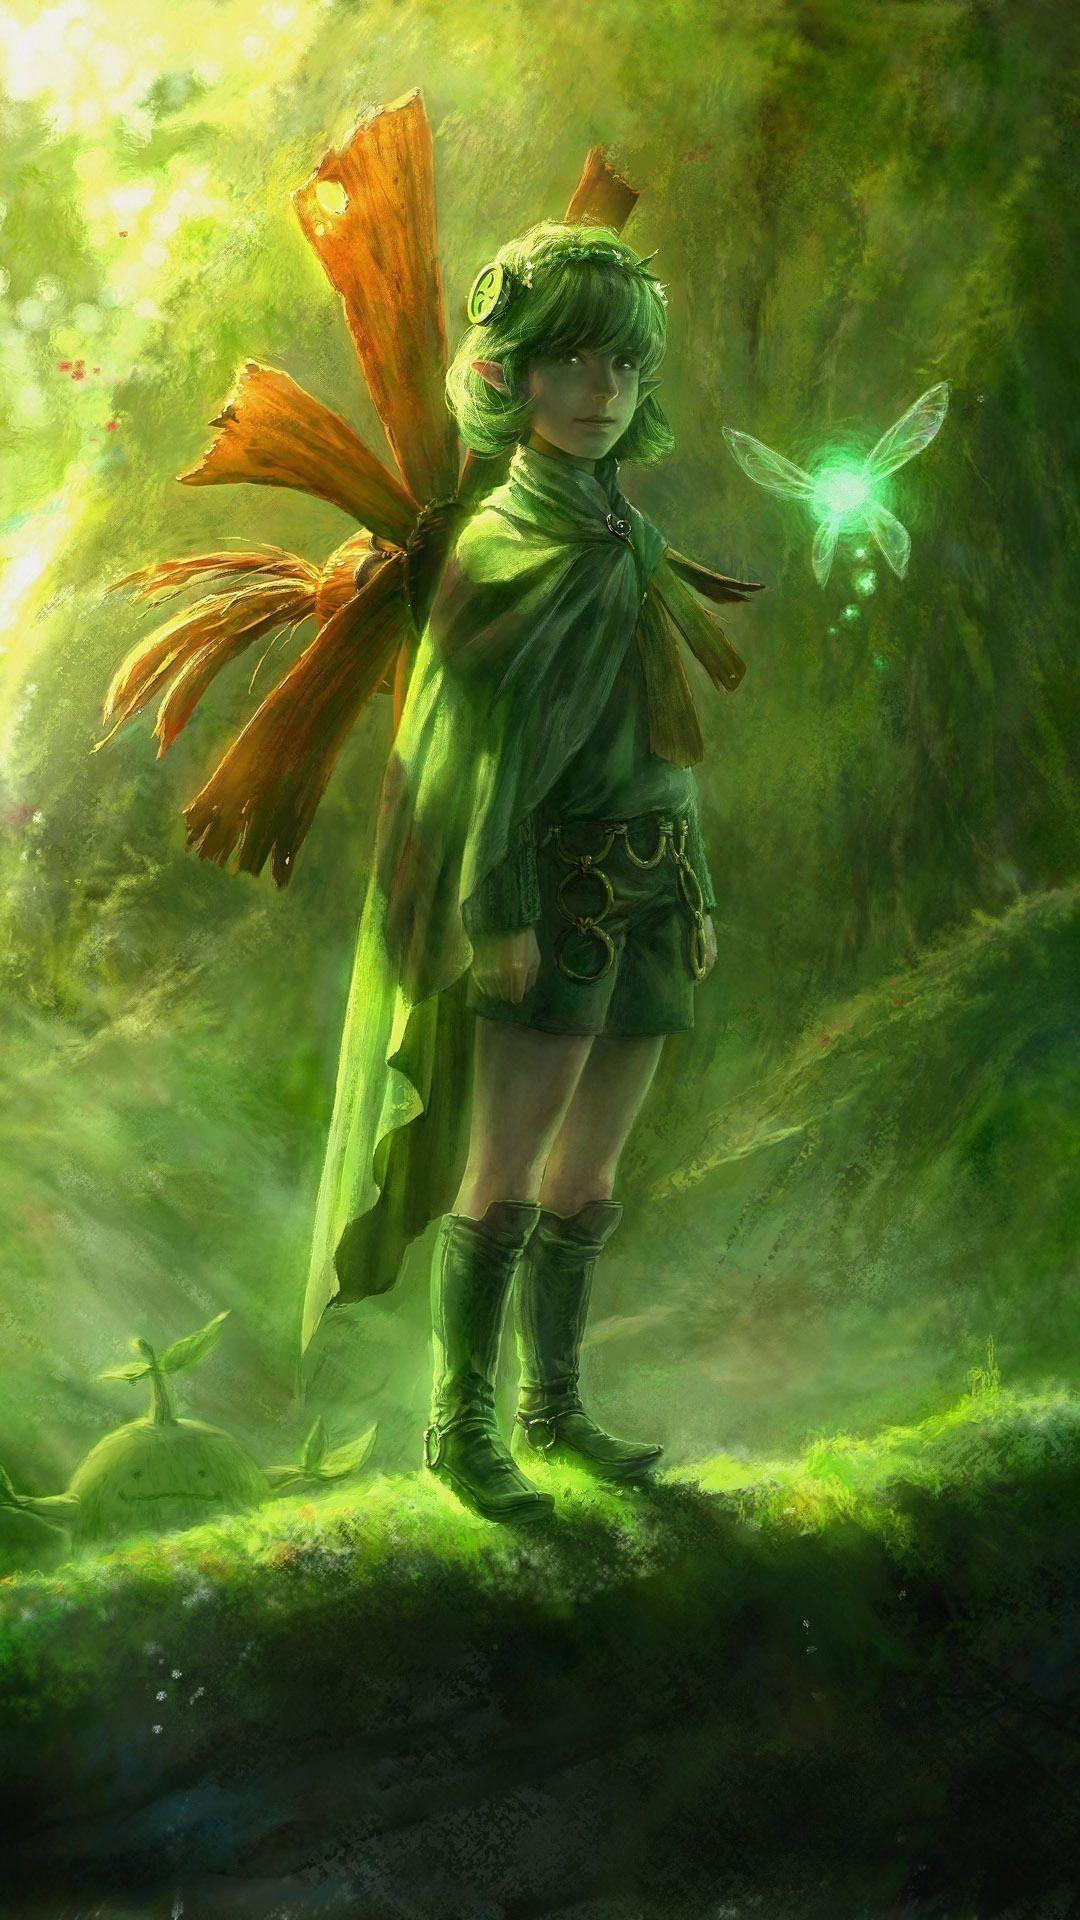 Twilight Princess Legend Of Zelda Wallpaper Android Download Hd Wallpaper Android Android Wallpaper Zelda Hd